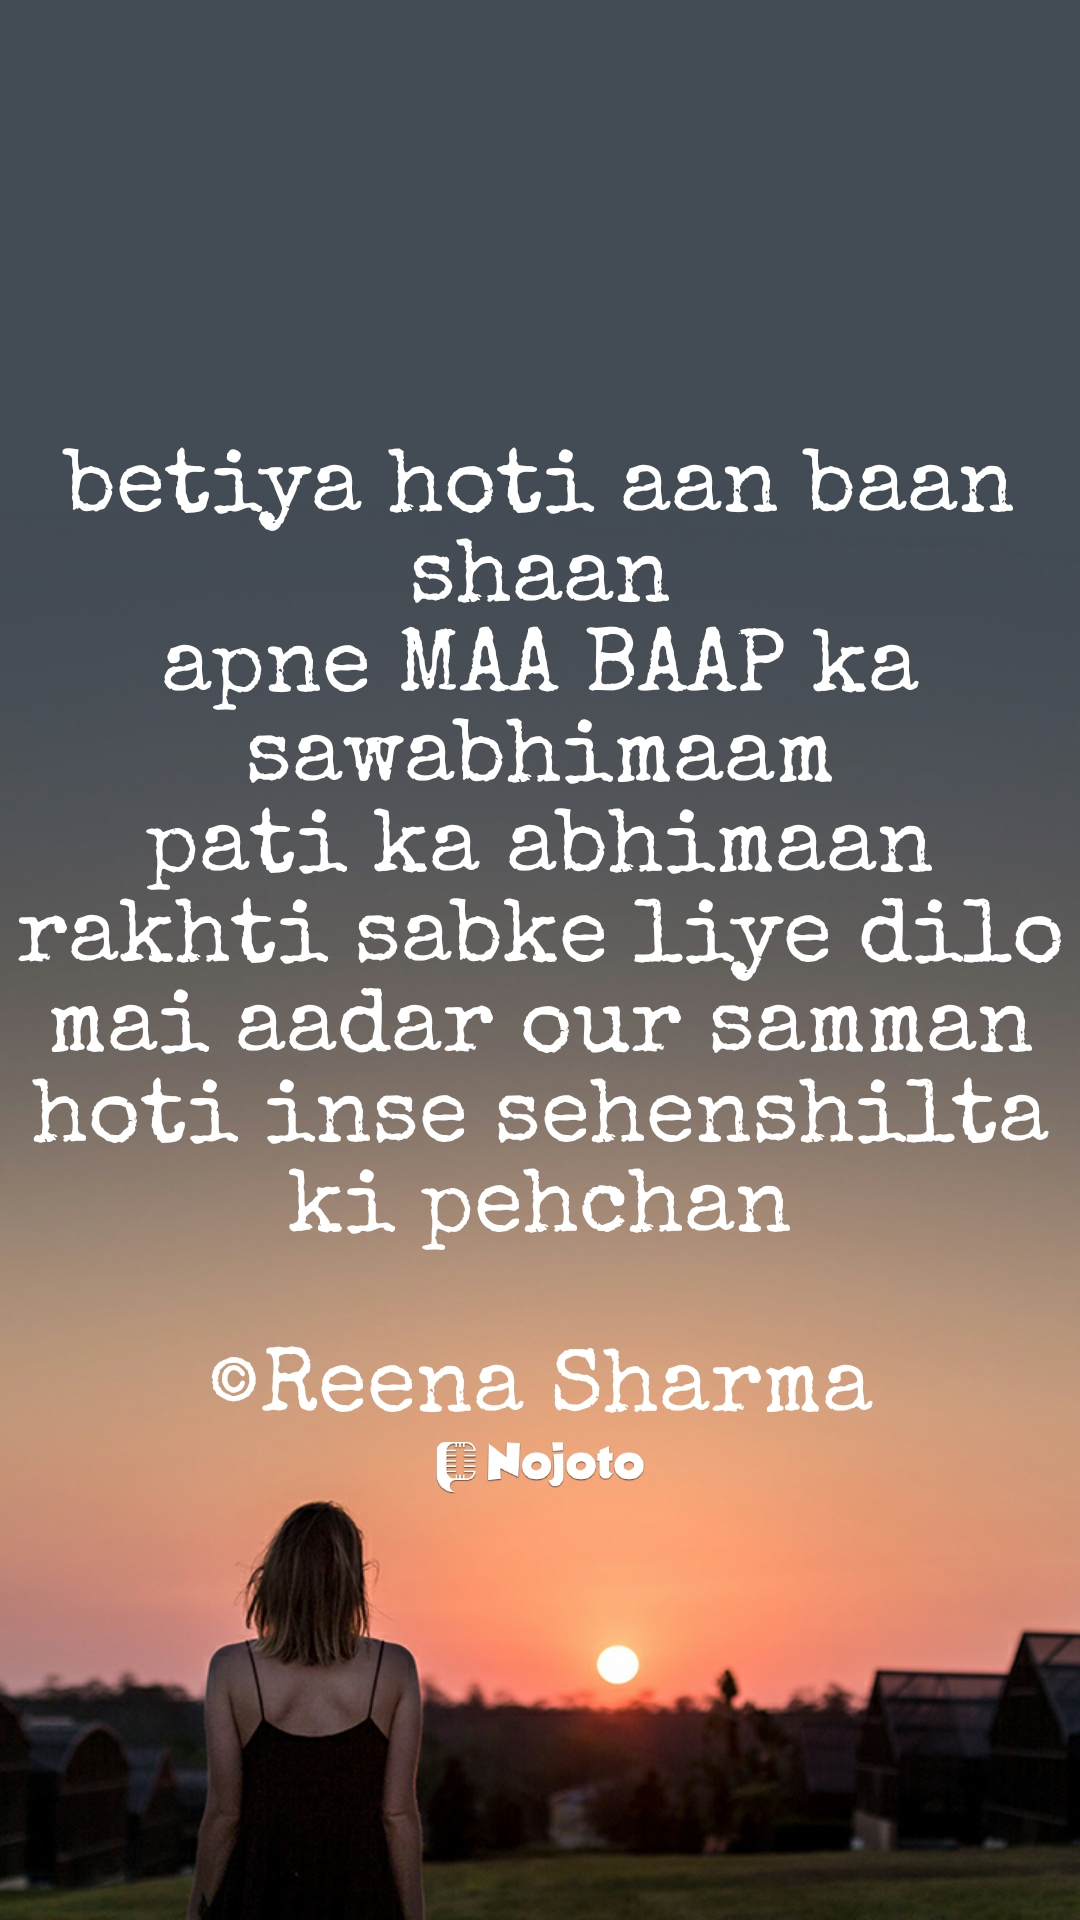 betiya hoti aan baan shaan apne MAA BAAP ka sawabhimaam pati ka abhimaan rakhti sabke liye dilo mai aadar our samman hoti inse sehenshilta ki pehchan  ©Reena Sharma